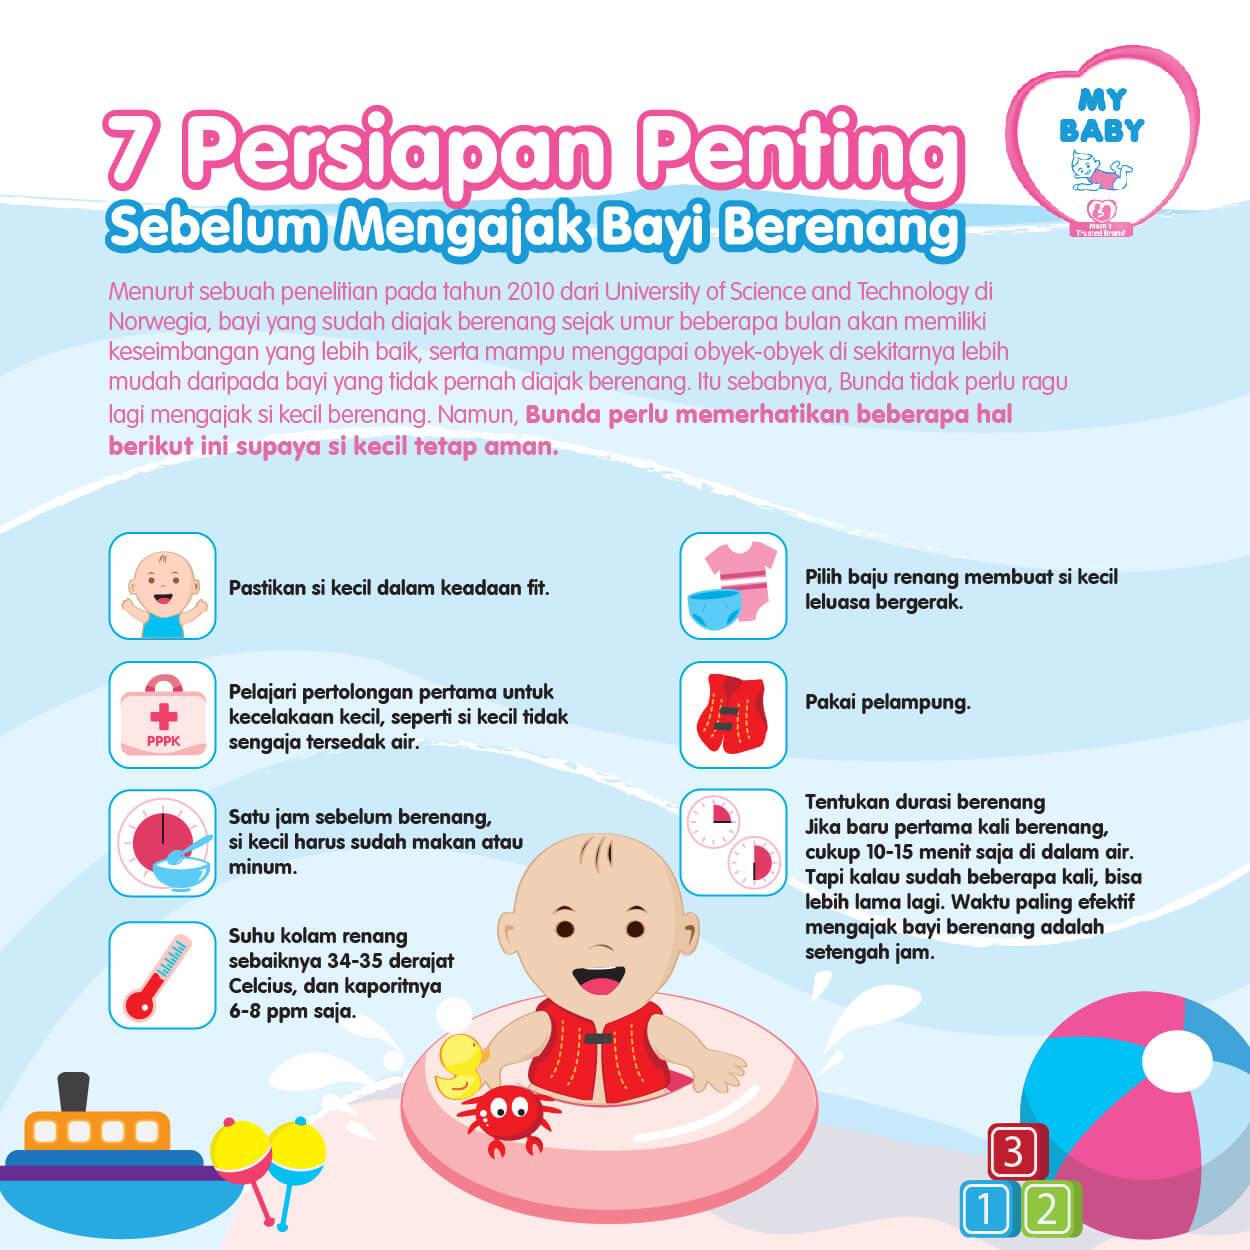 7 Persiapan Penting Sebelum Mengajak Bayi Berenang